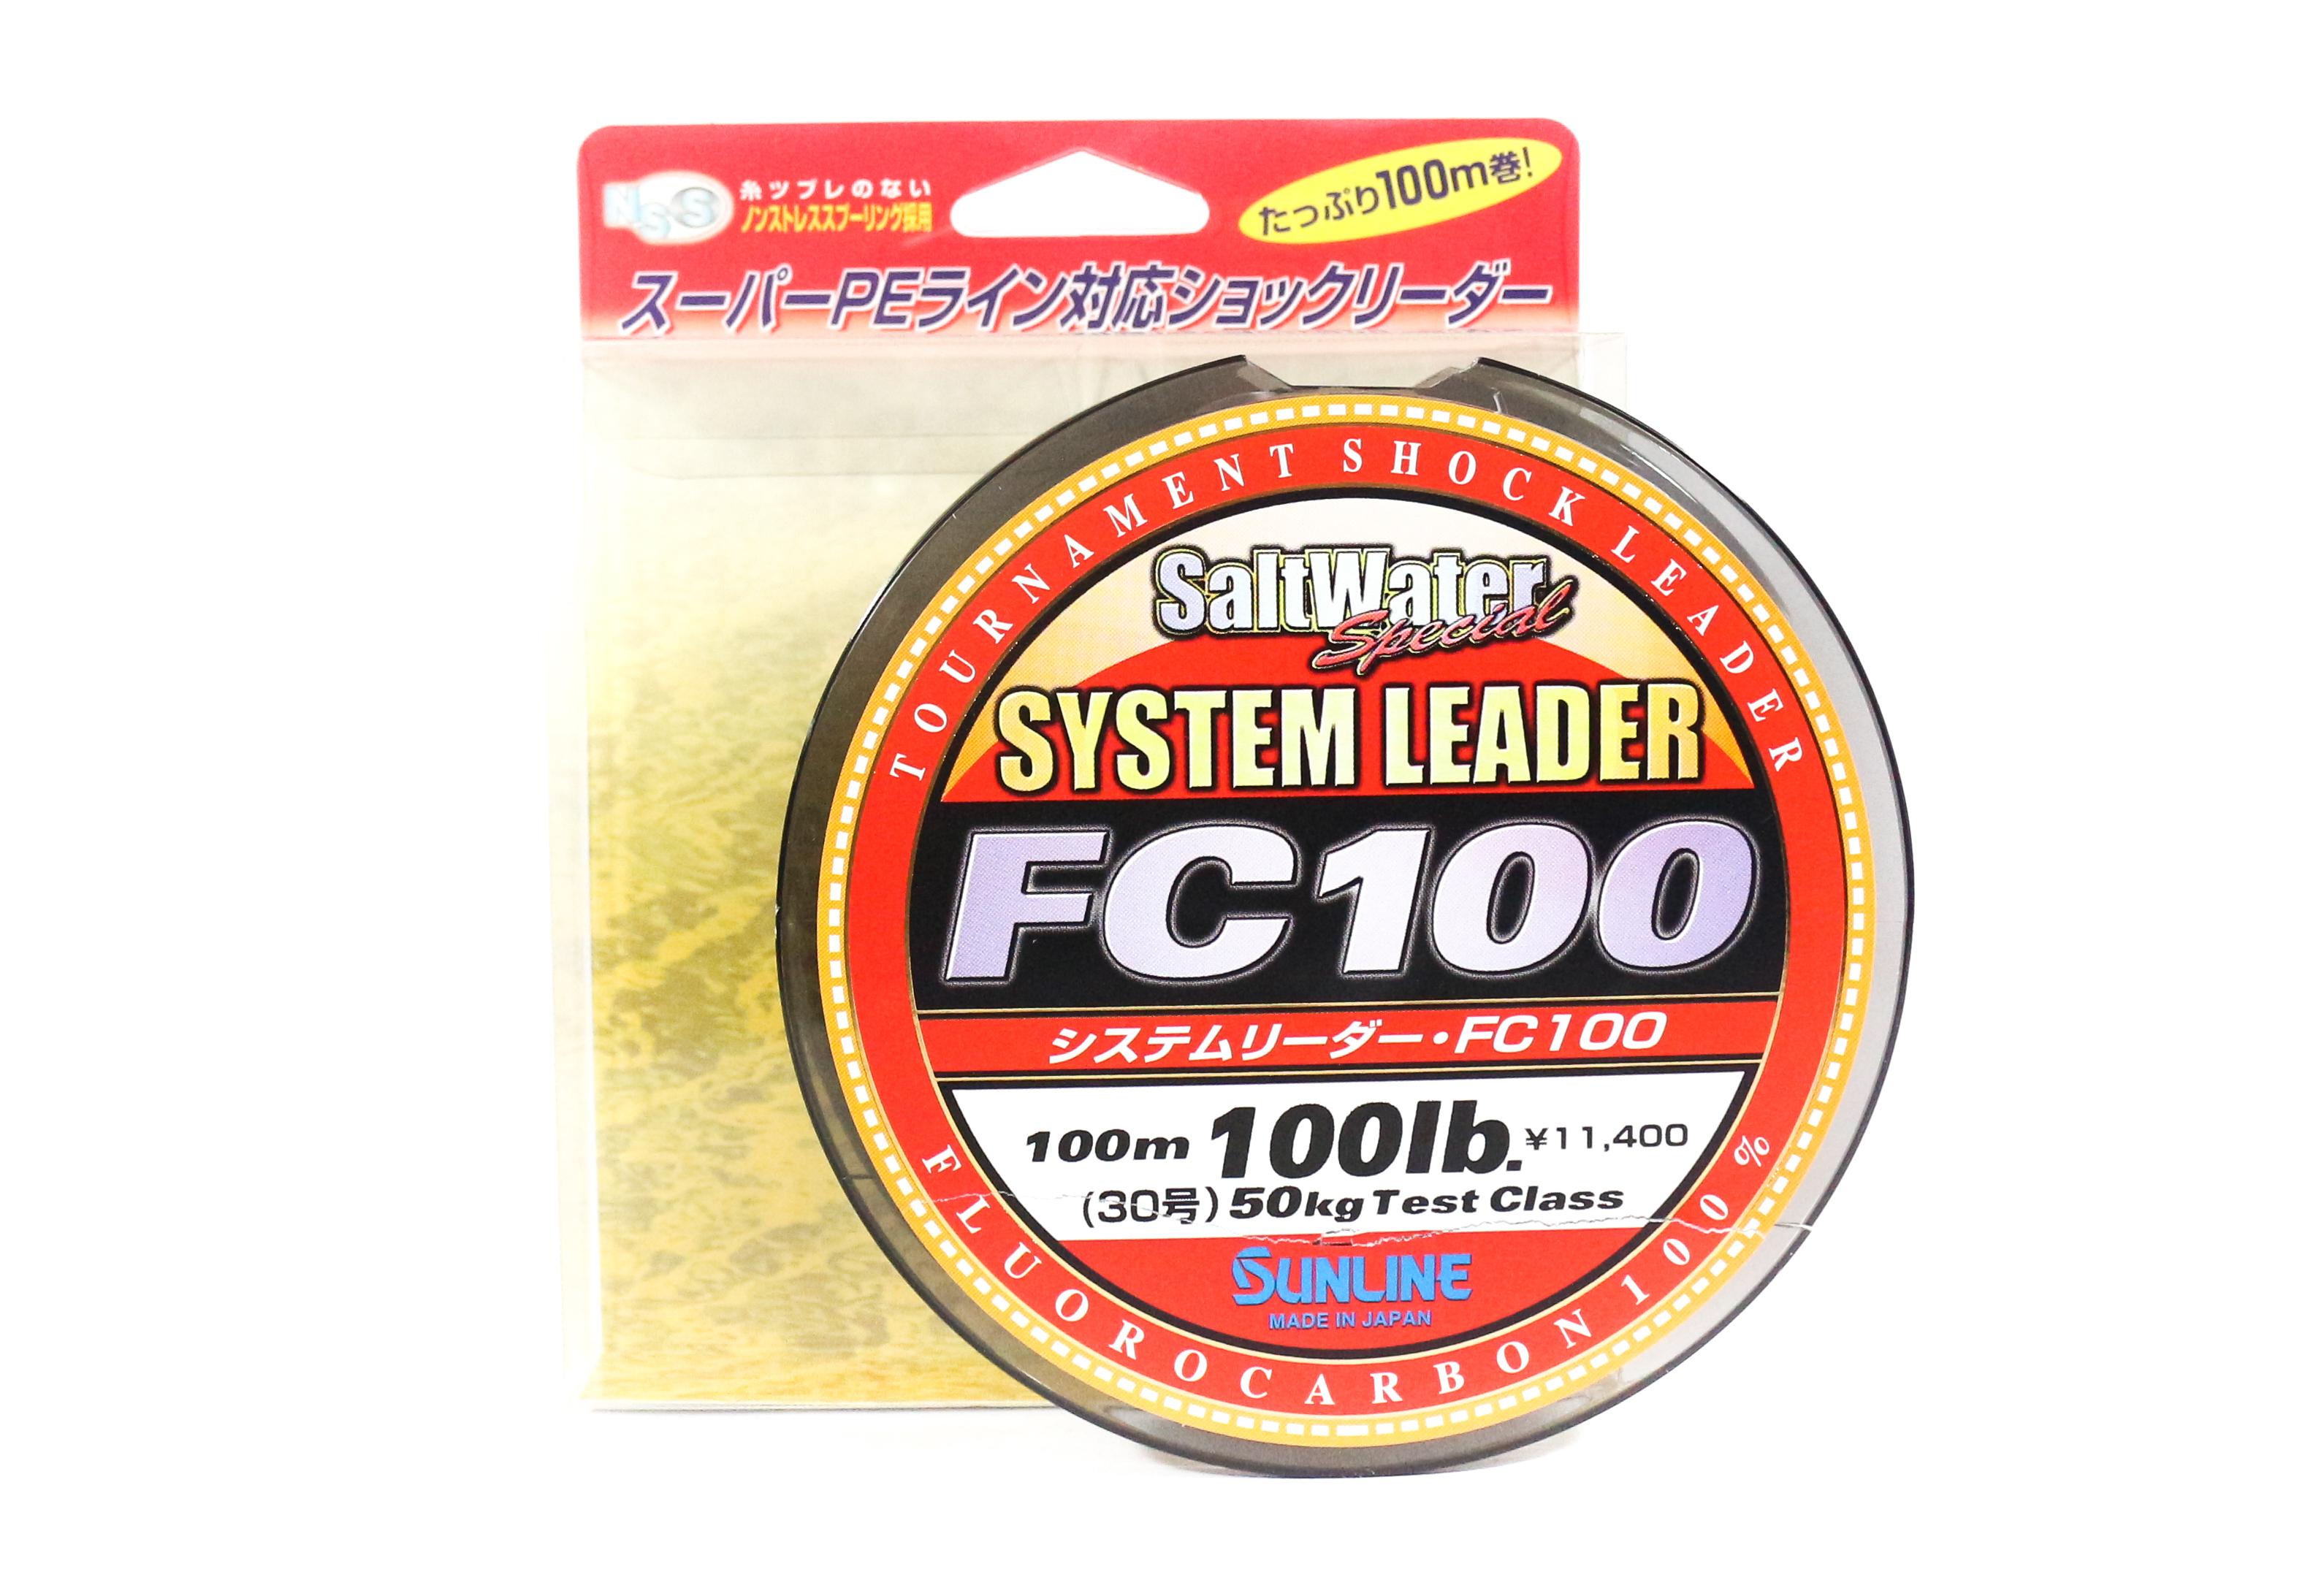 Sunline System 100 Fluorocarbon Shock Leader Line 100m 100lb (1949)